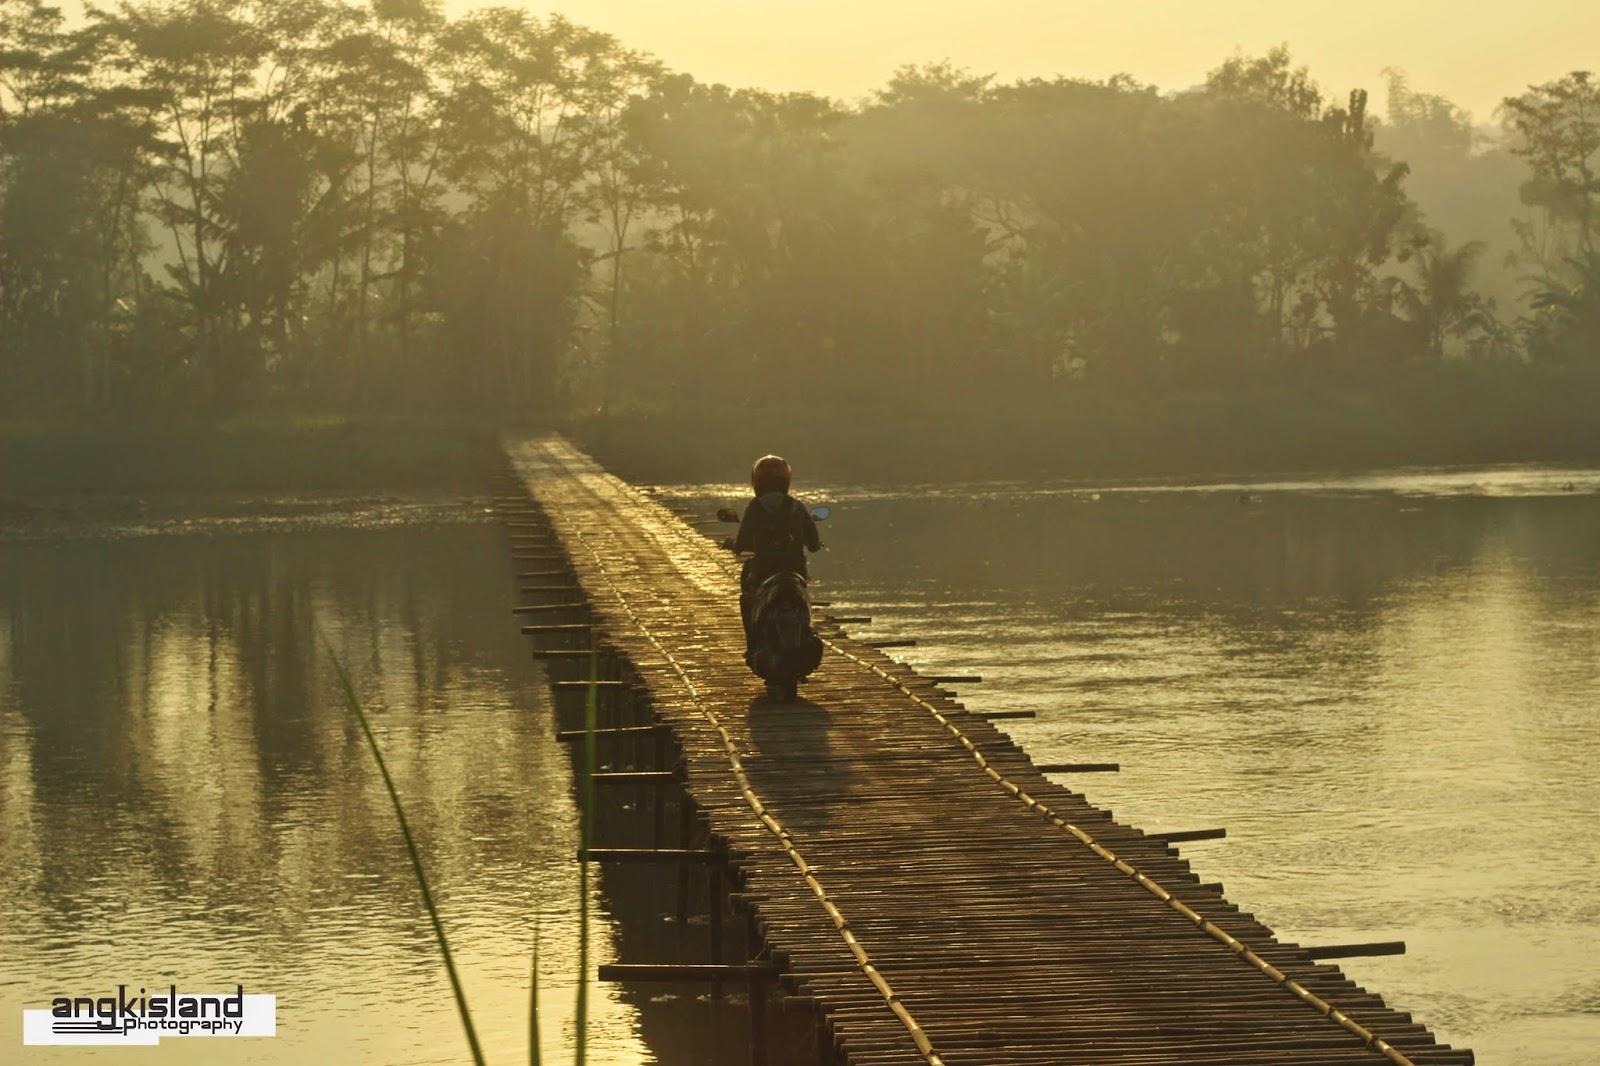 melintas jembatan bambu pagi hari